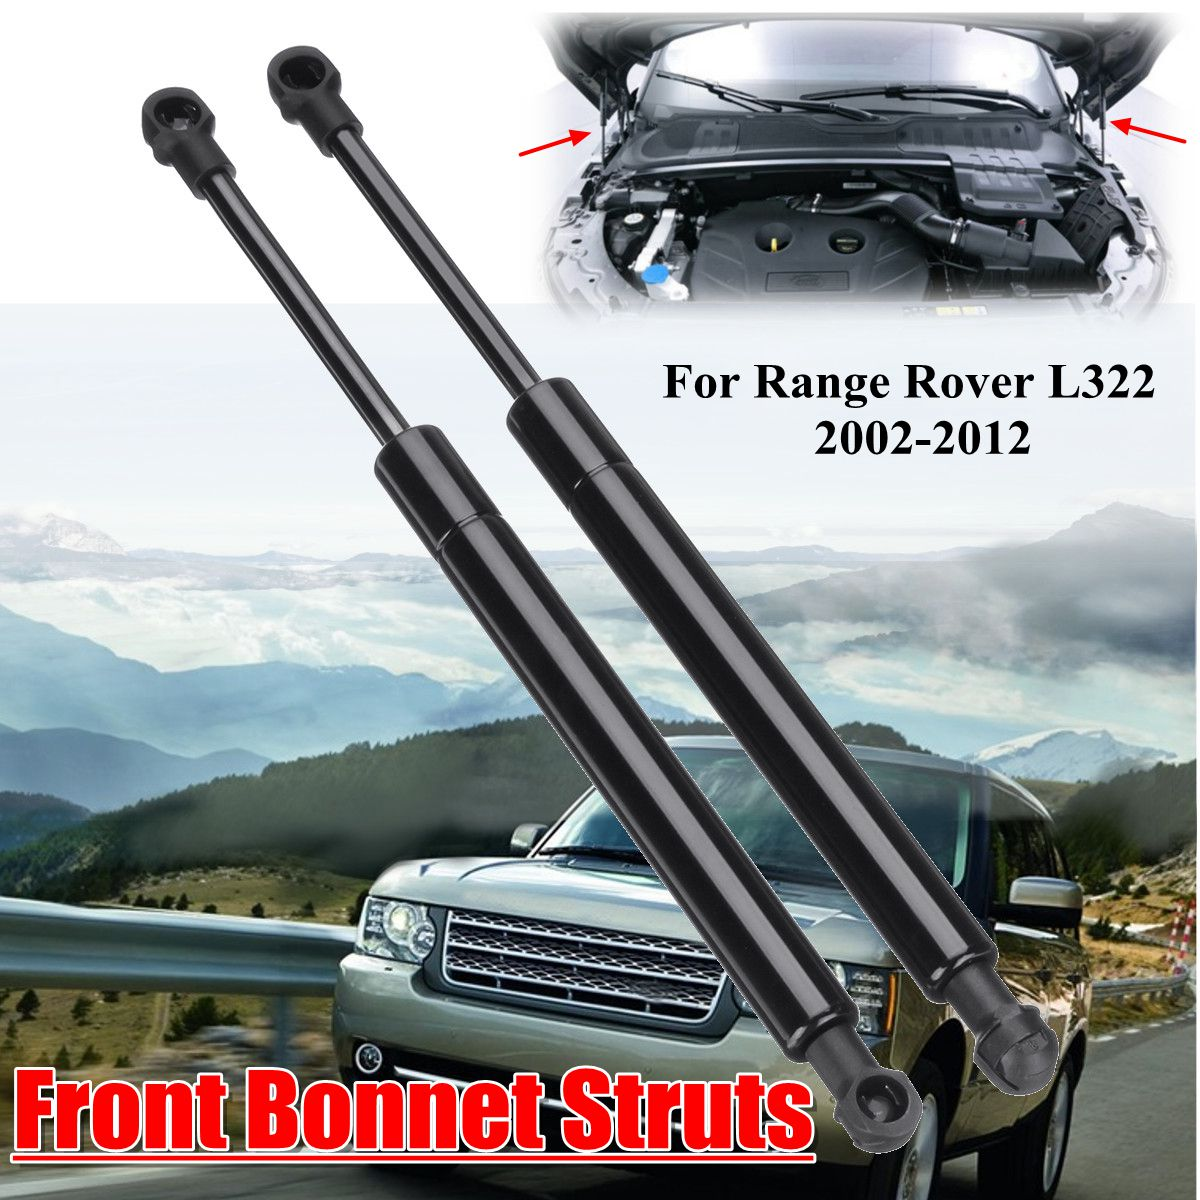 2X Vorne Motor Abdeckung Bonnet Shock Lift Streben Unterstützung Gas Hydraulische BKK760010 Für Range Rover L322 2002 2003 2004 2005 -2012